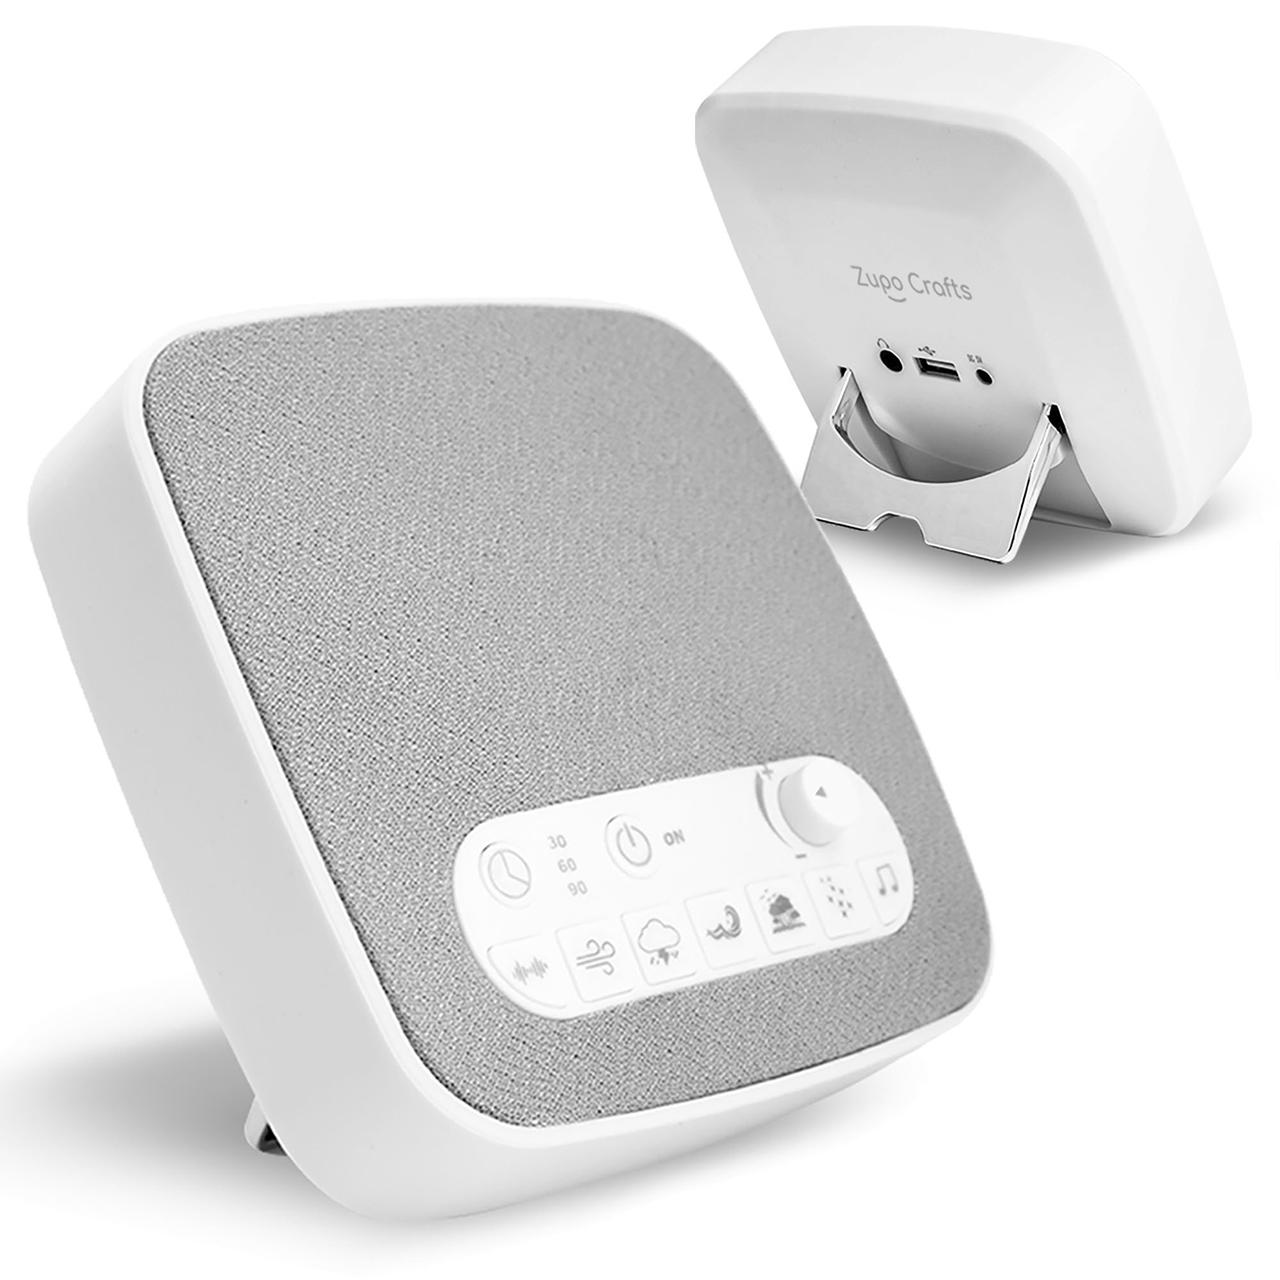 Генератор білого шуму і звуків для сну і релаксації Zupo Crafts ZC-016